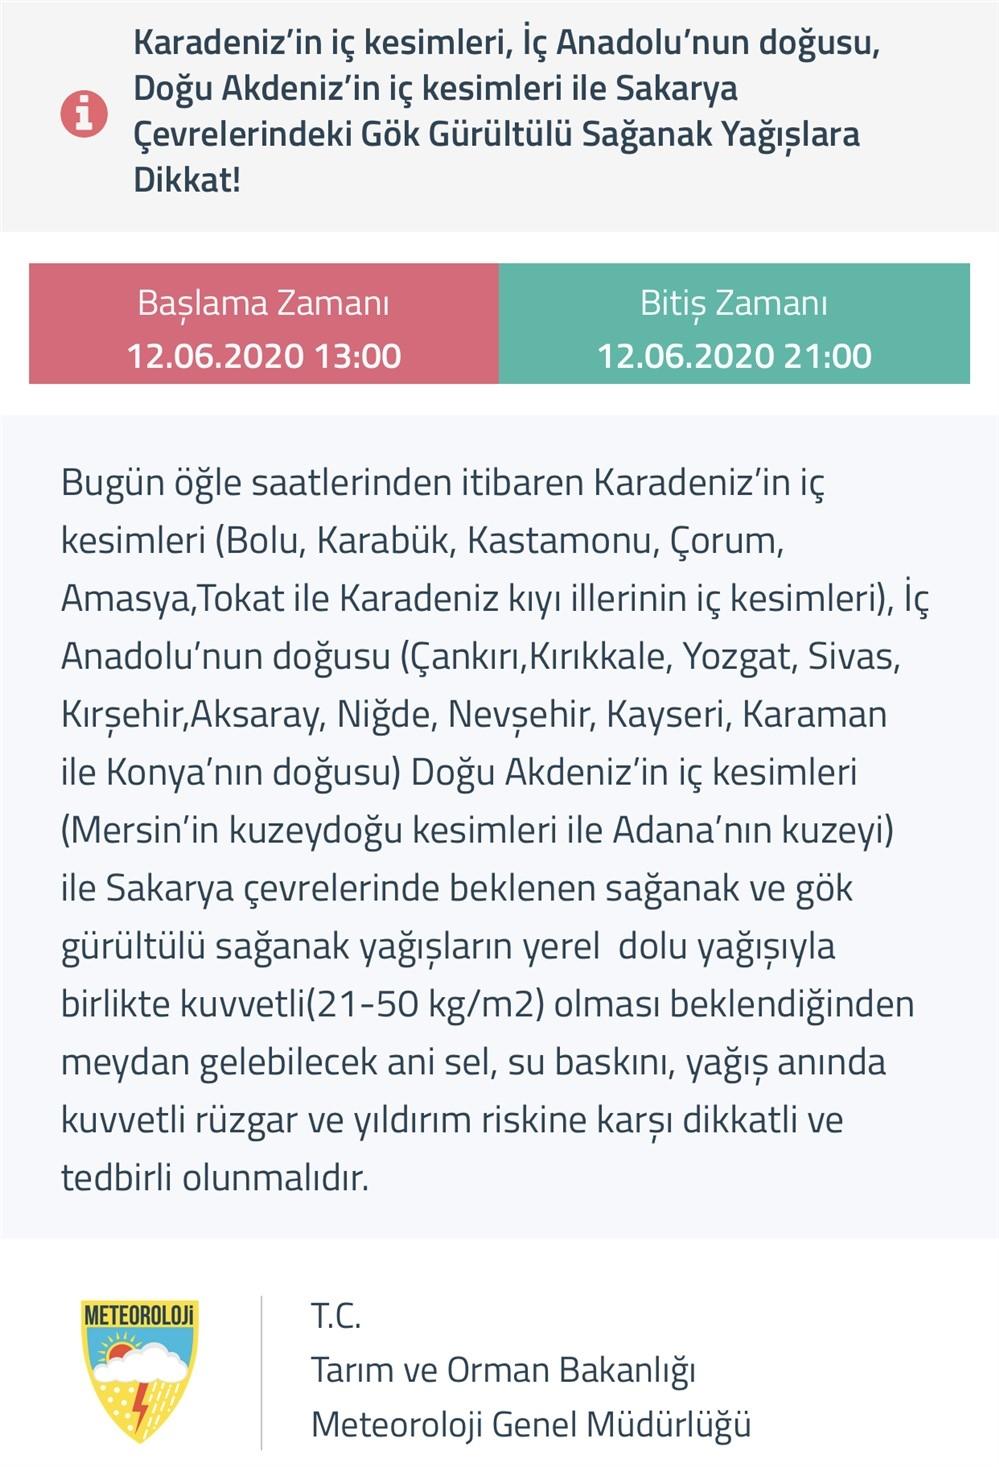 Karadeniz'in İç Kesimleri, İç Anadolu'nun Doğusu, Doğu Akdeniz'in İç Kesimleri İle Sakarya Çevrelerindeki Gök Gürültülü Sağanak Yağışlara Dikkat!